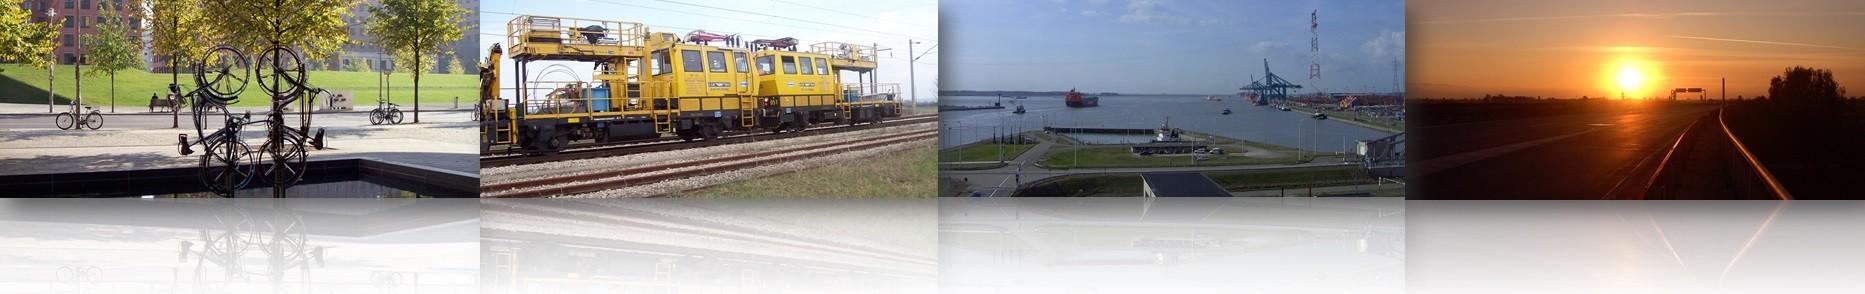 Решения за развитие на транспорта и инфраструктурата на международно, национално, регионално и местно ниво